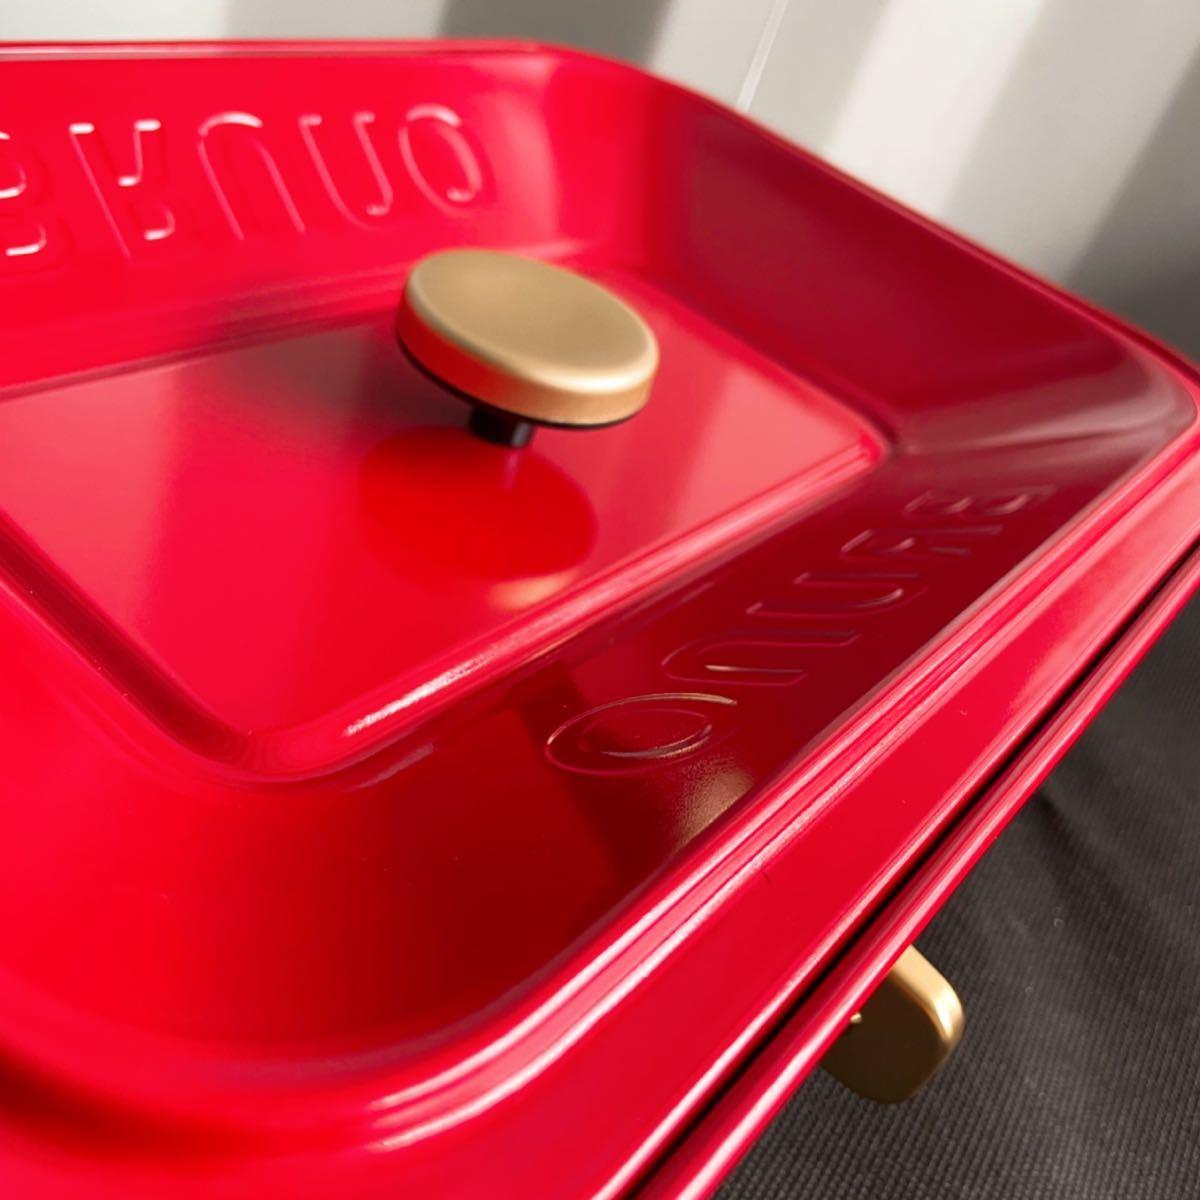 新品! BRUNO ブルーノ コンパクトホットプレート たこ焼き機 お好み焼き機 焼肉機 鉄板 調理機器 レッド ヒーター分離式 BOE021_画像8